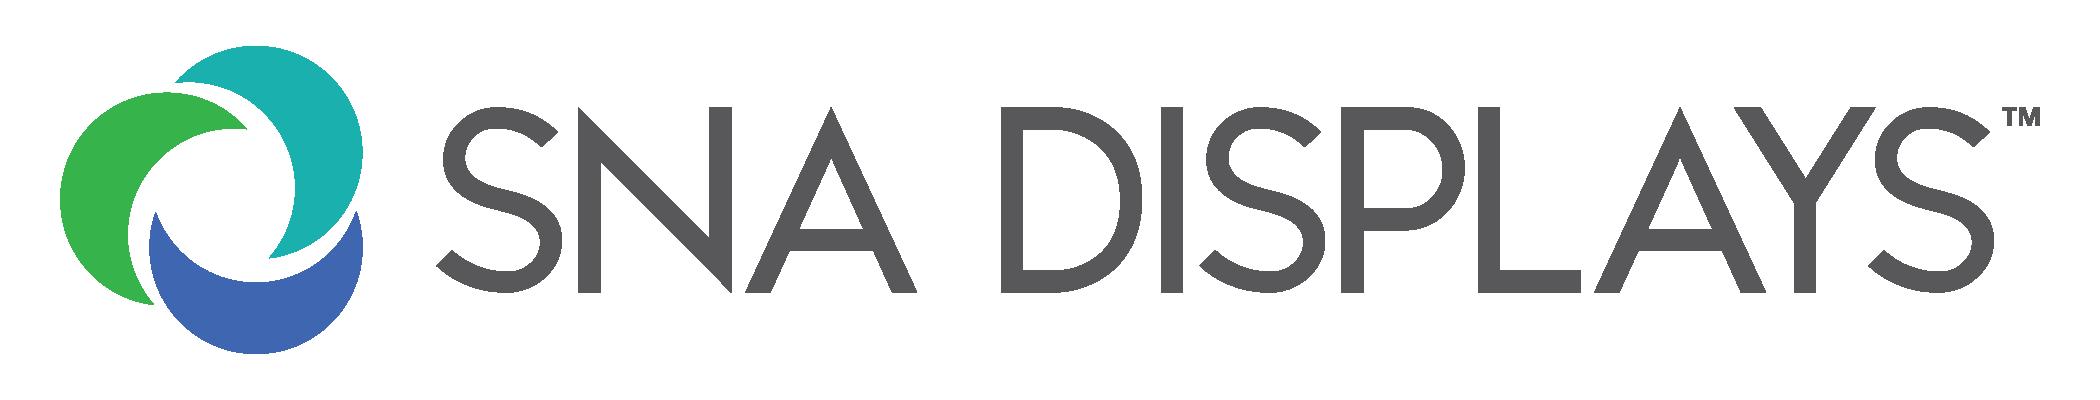 SNA-Displays_Logo